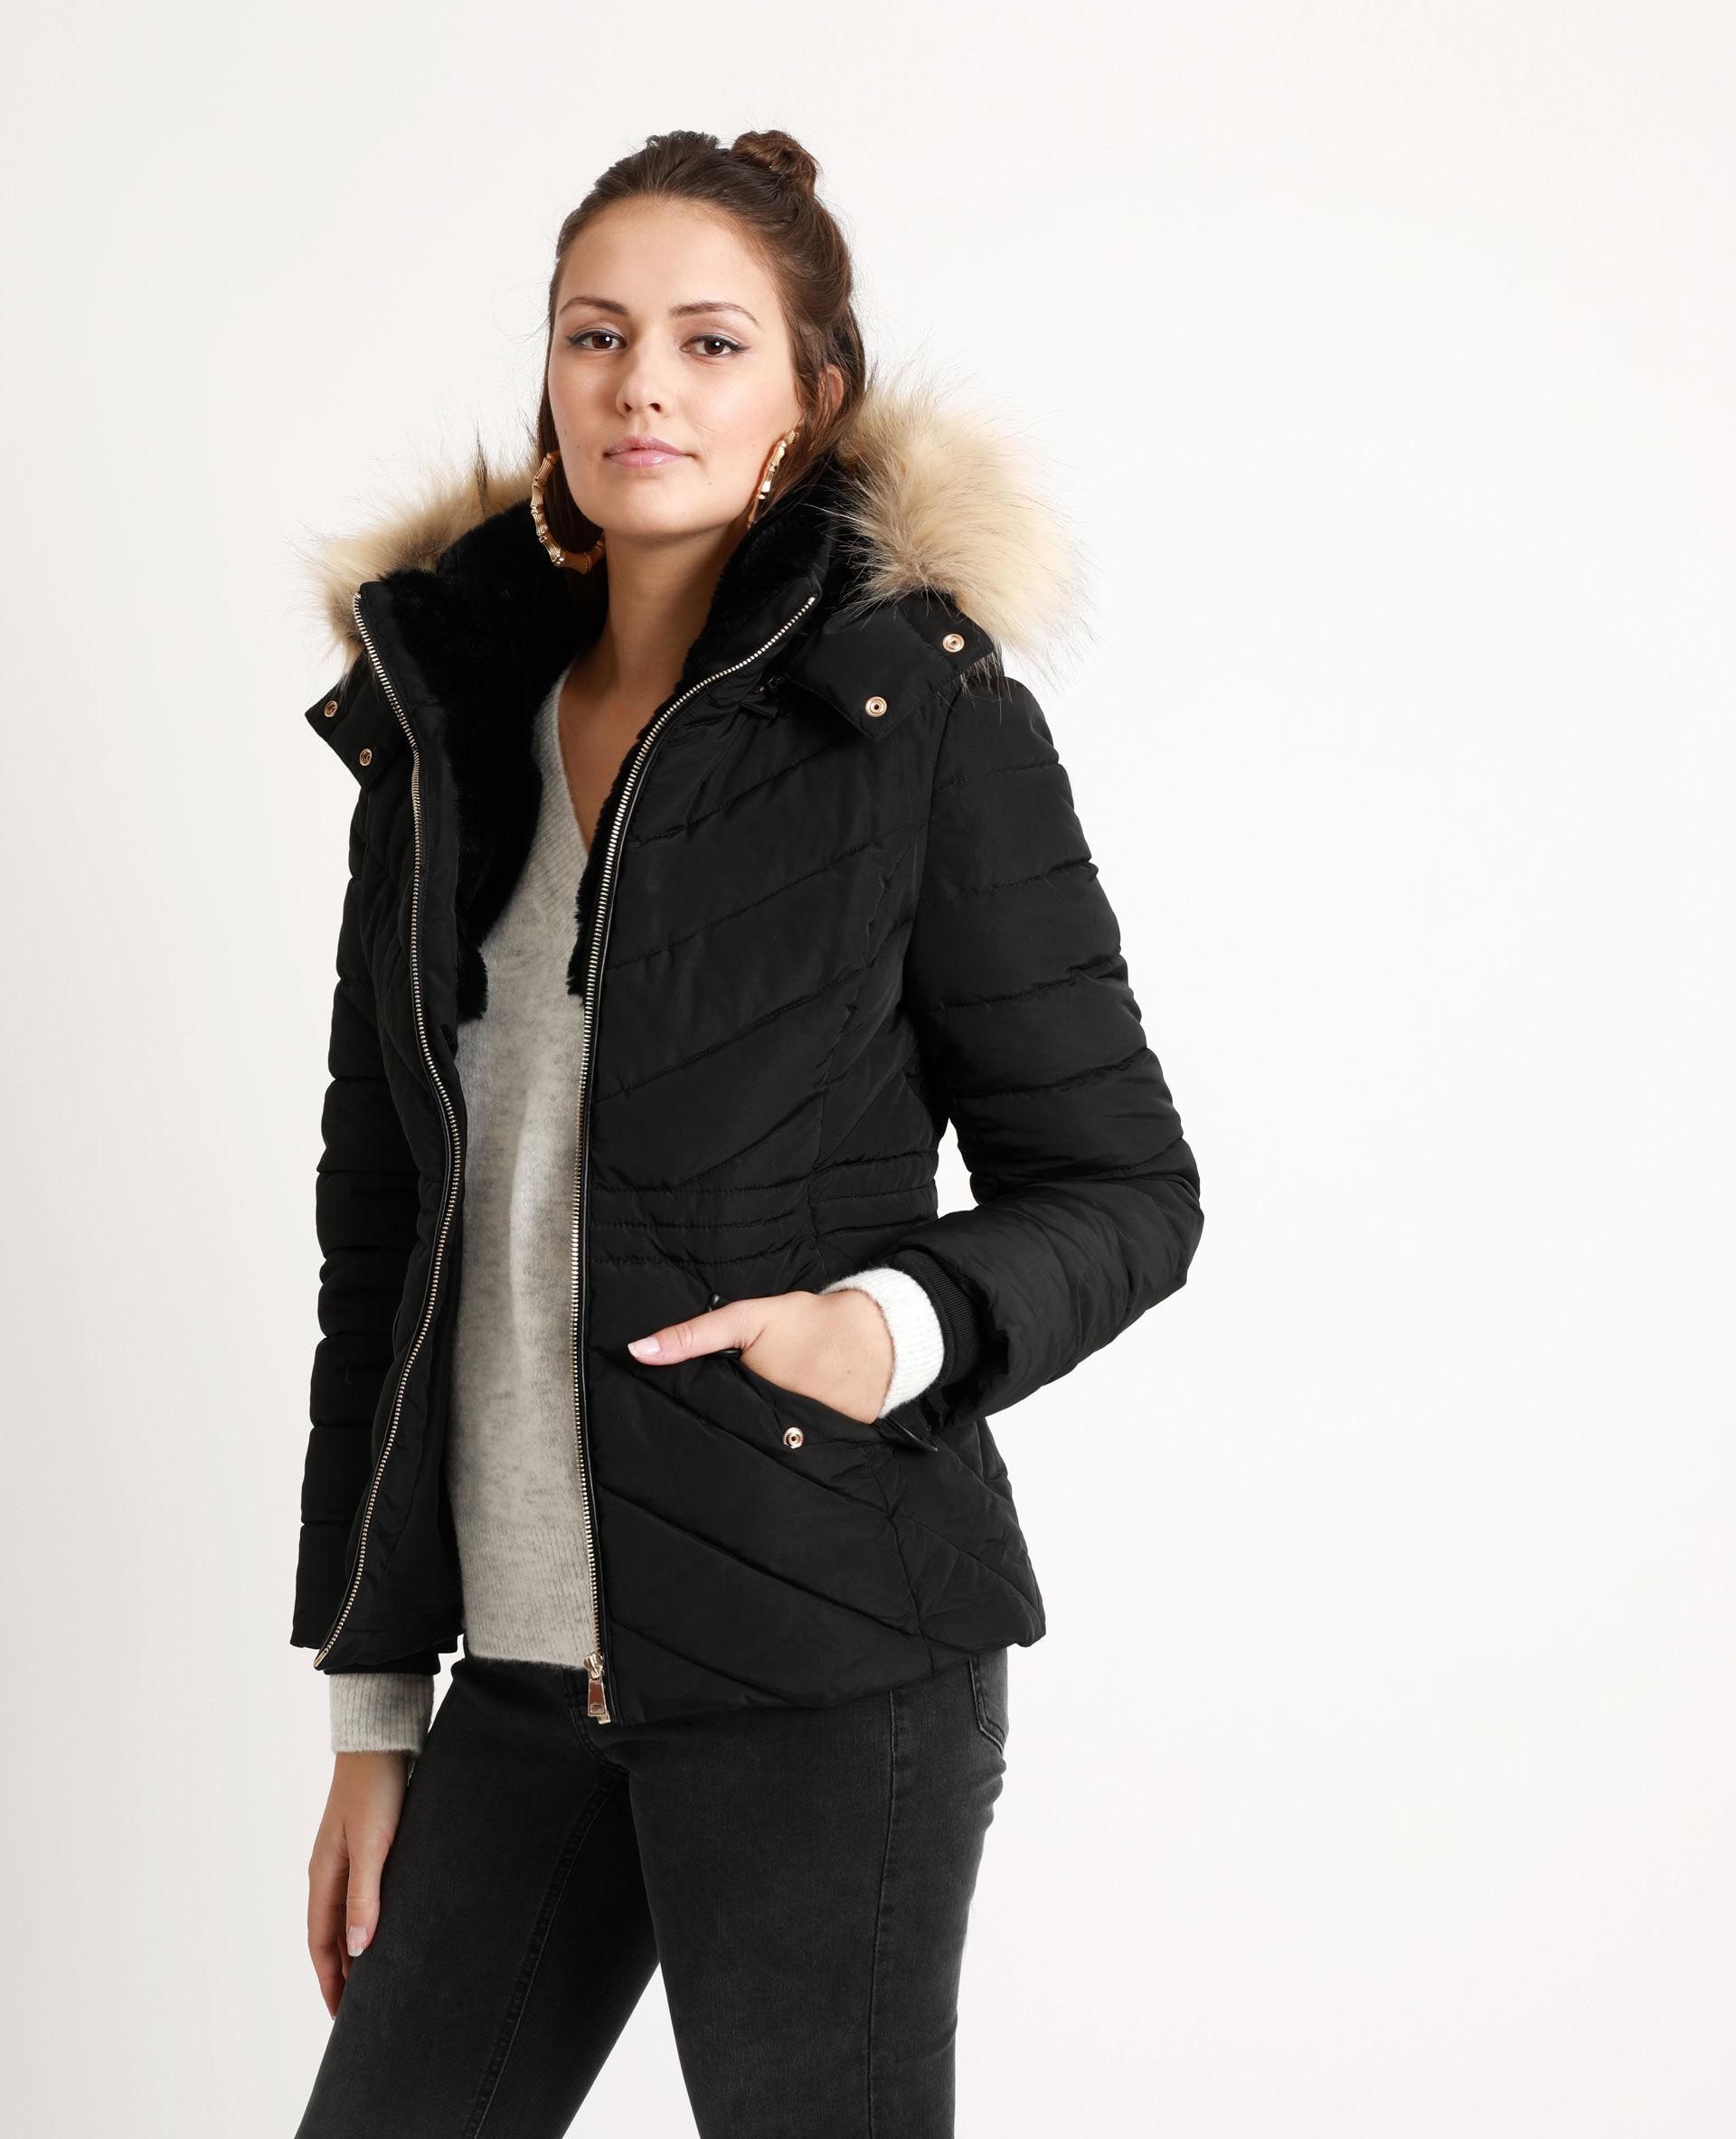 Manteau femme fourre a l'interieur